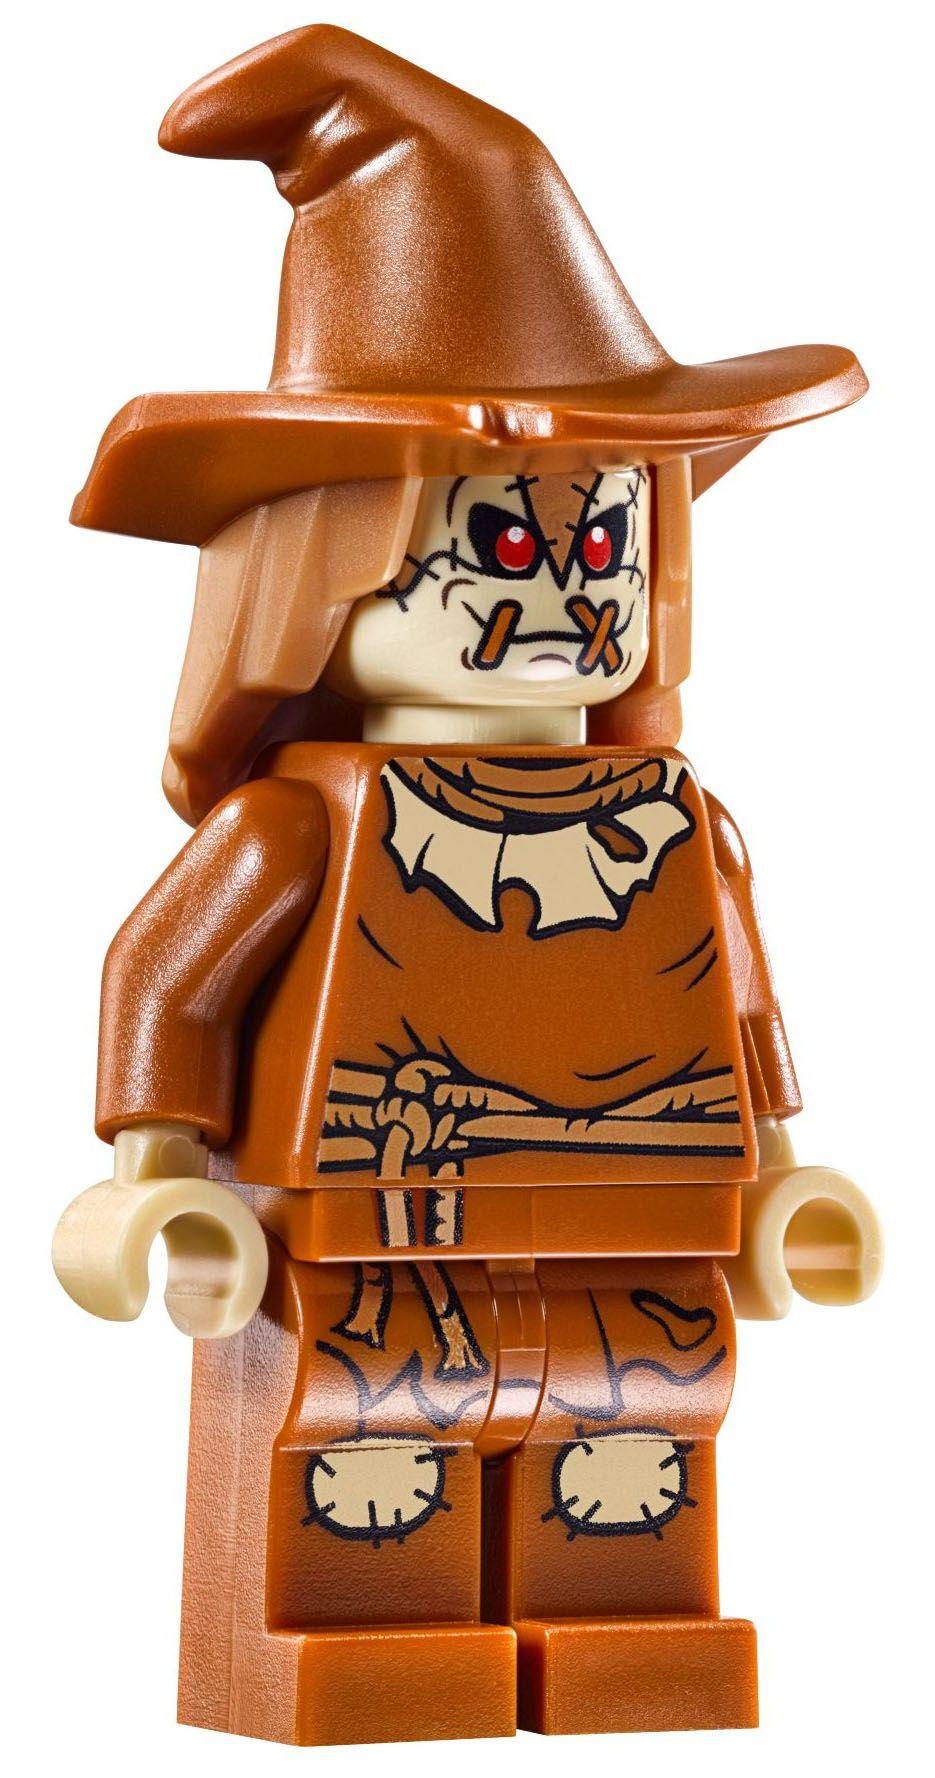 Dc Lego L'épouvantail Super Récolte Comics De 76054 BatmanLa Peur Heroes 0k8NnOPXw